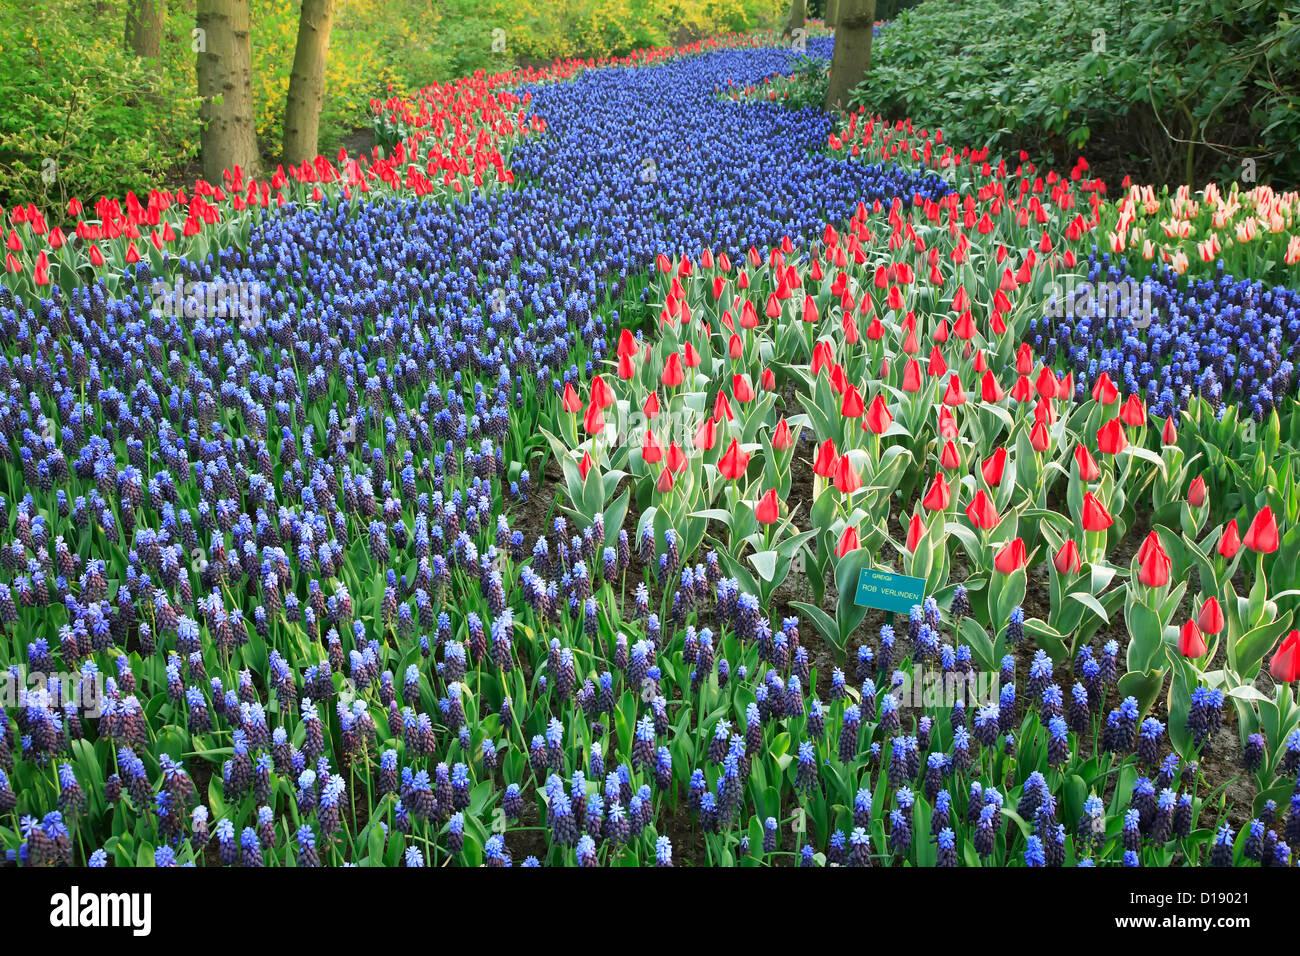 Gardens, Keukenhof Gardens, near Lisse, Netherlands - Stock Image